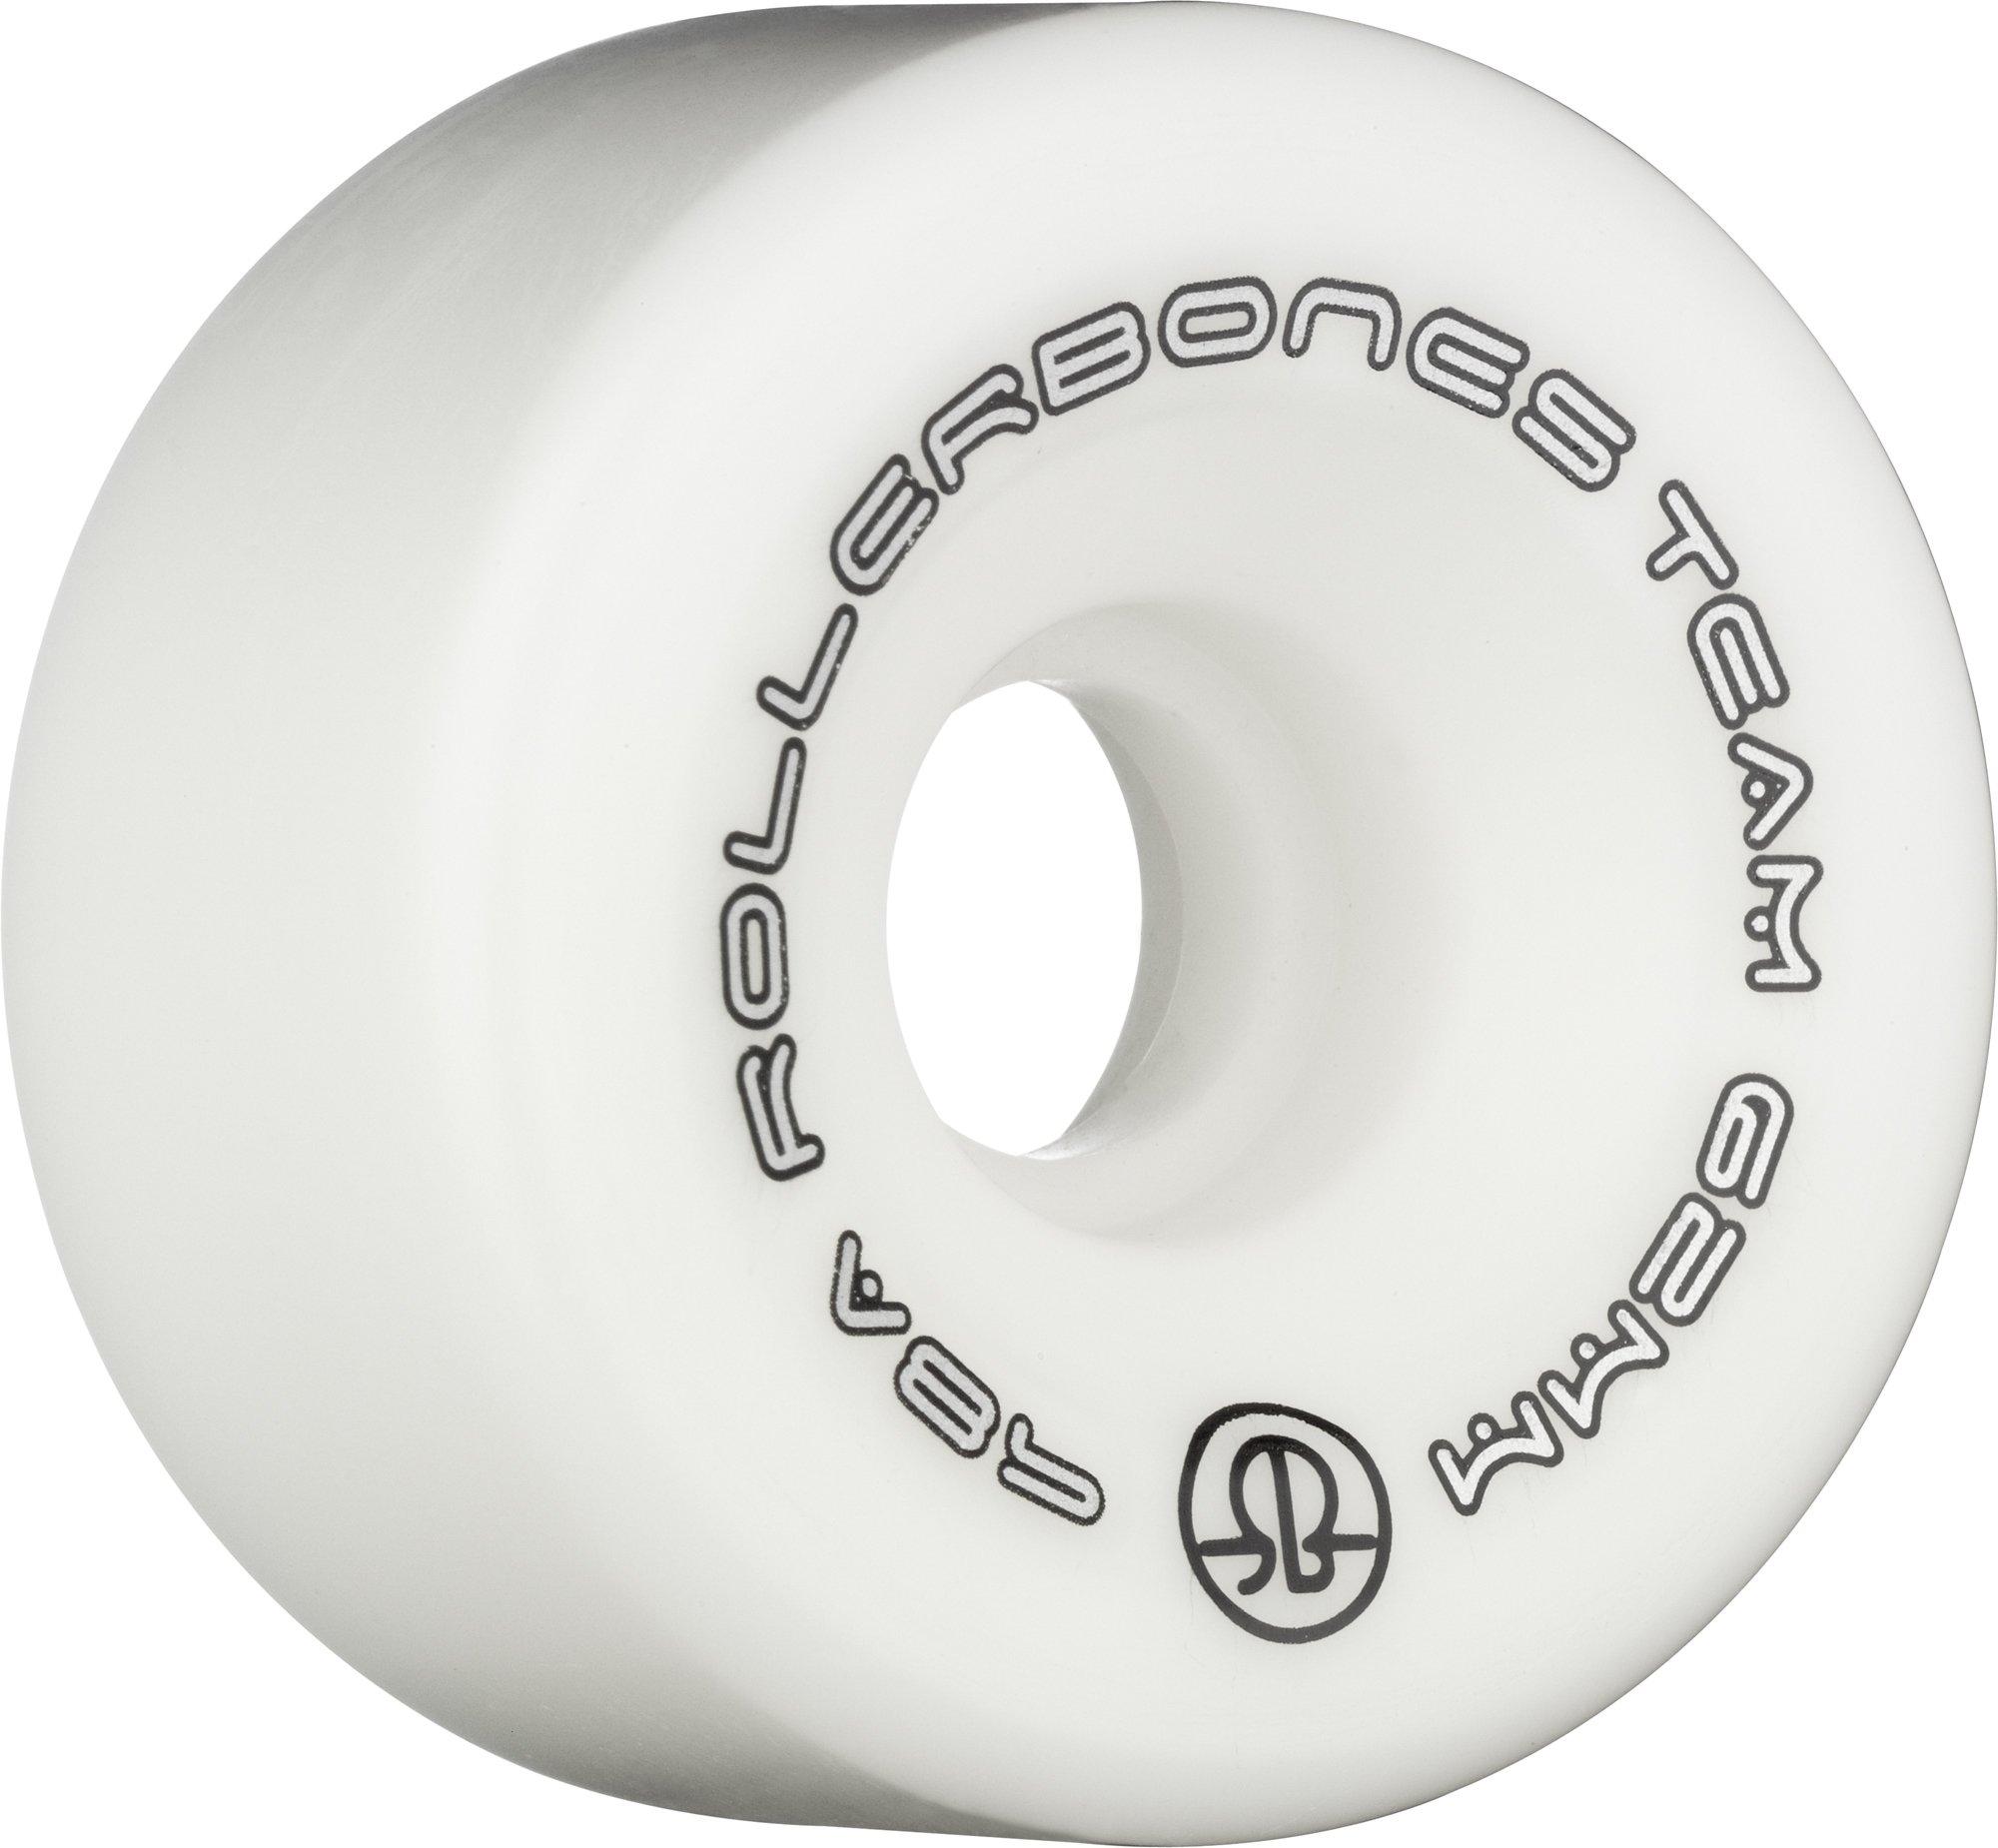 RollerBones Team Logo Recreational Roller Skate Wheels (Set of 8), White, 62mm